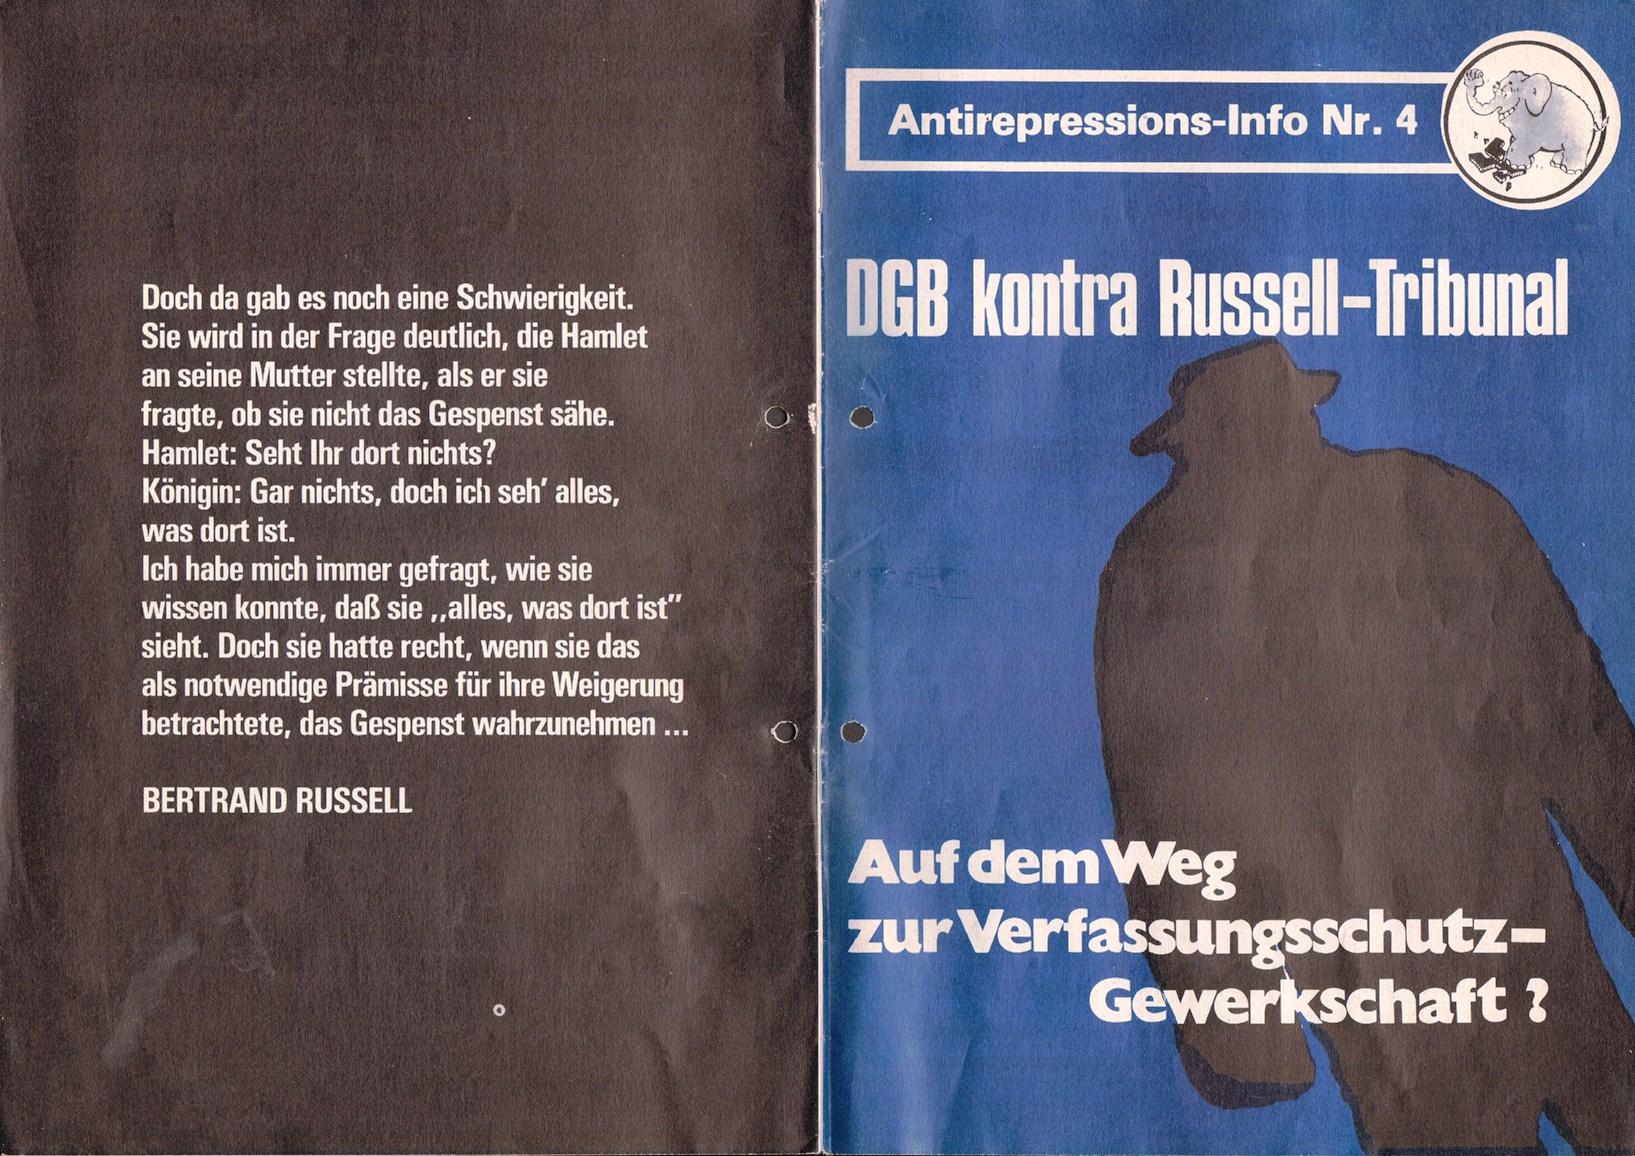 KB_Anti_Repressionsinfo_04_1978_01